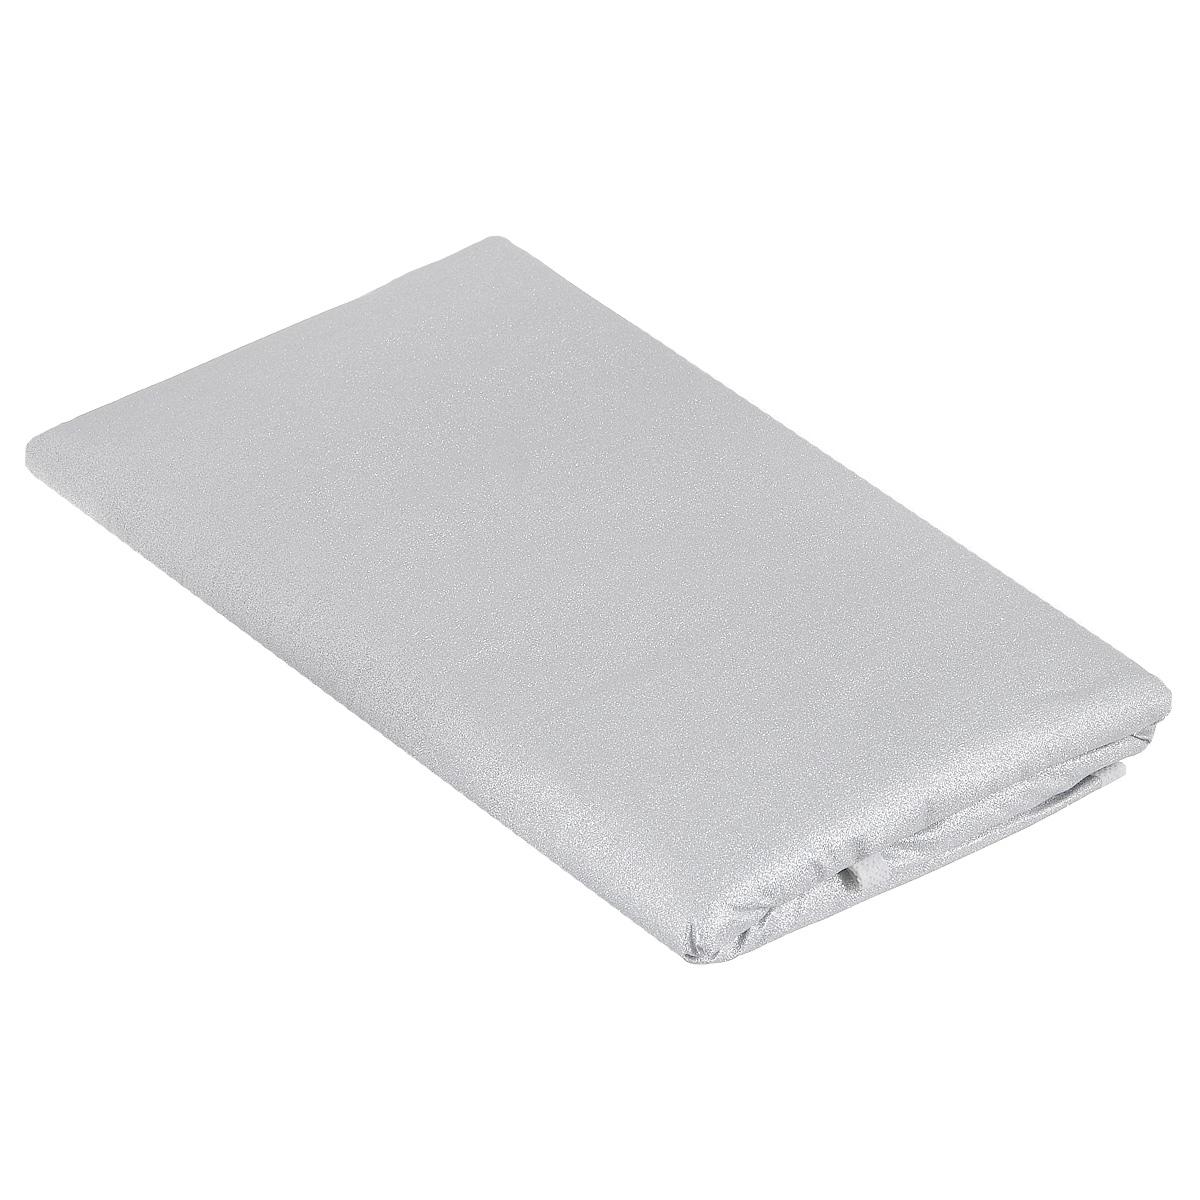 Чехол для гладильной доски Eva, цвет: серебристый, 120 см х 40 смЕ12_сереброЧехол для гладильной доски Eva выполнен из хлопчатобумажной ткани с термостойким тефлоновым покрытием и поролоновой подкладкой. Чехол предназначен для защиты или замены изношенного покрытия гладильной доски. Благодаря удобной системе фиксации легко крепится к гладильной доске. Этот качественный чехол обеспечит вам легкое глажение. Размер чехла: 120 см x 40 см. Размер доски, для которой предназначен чехол: 112 см x 32 см.